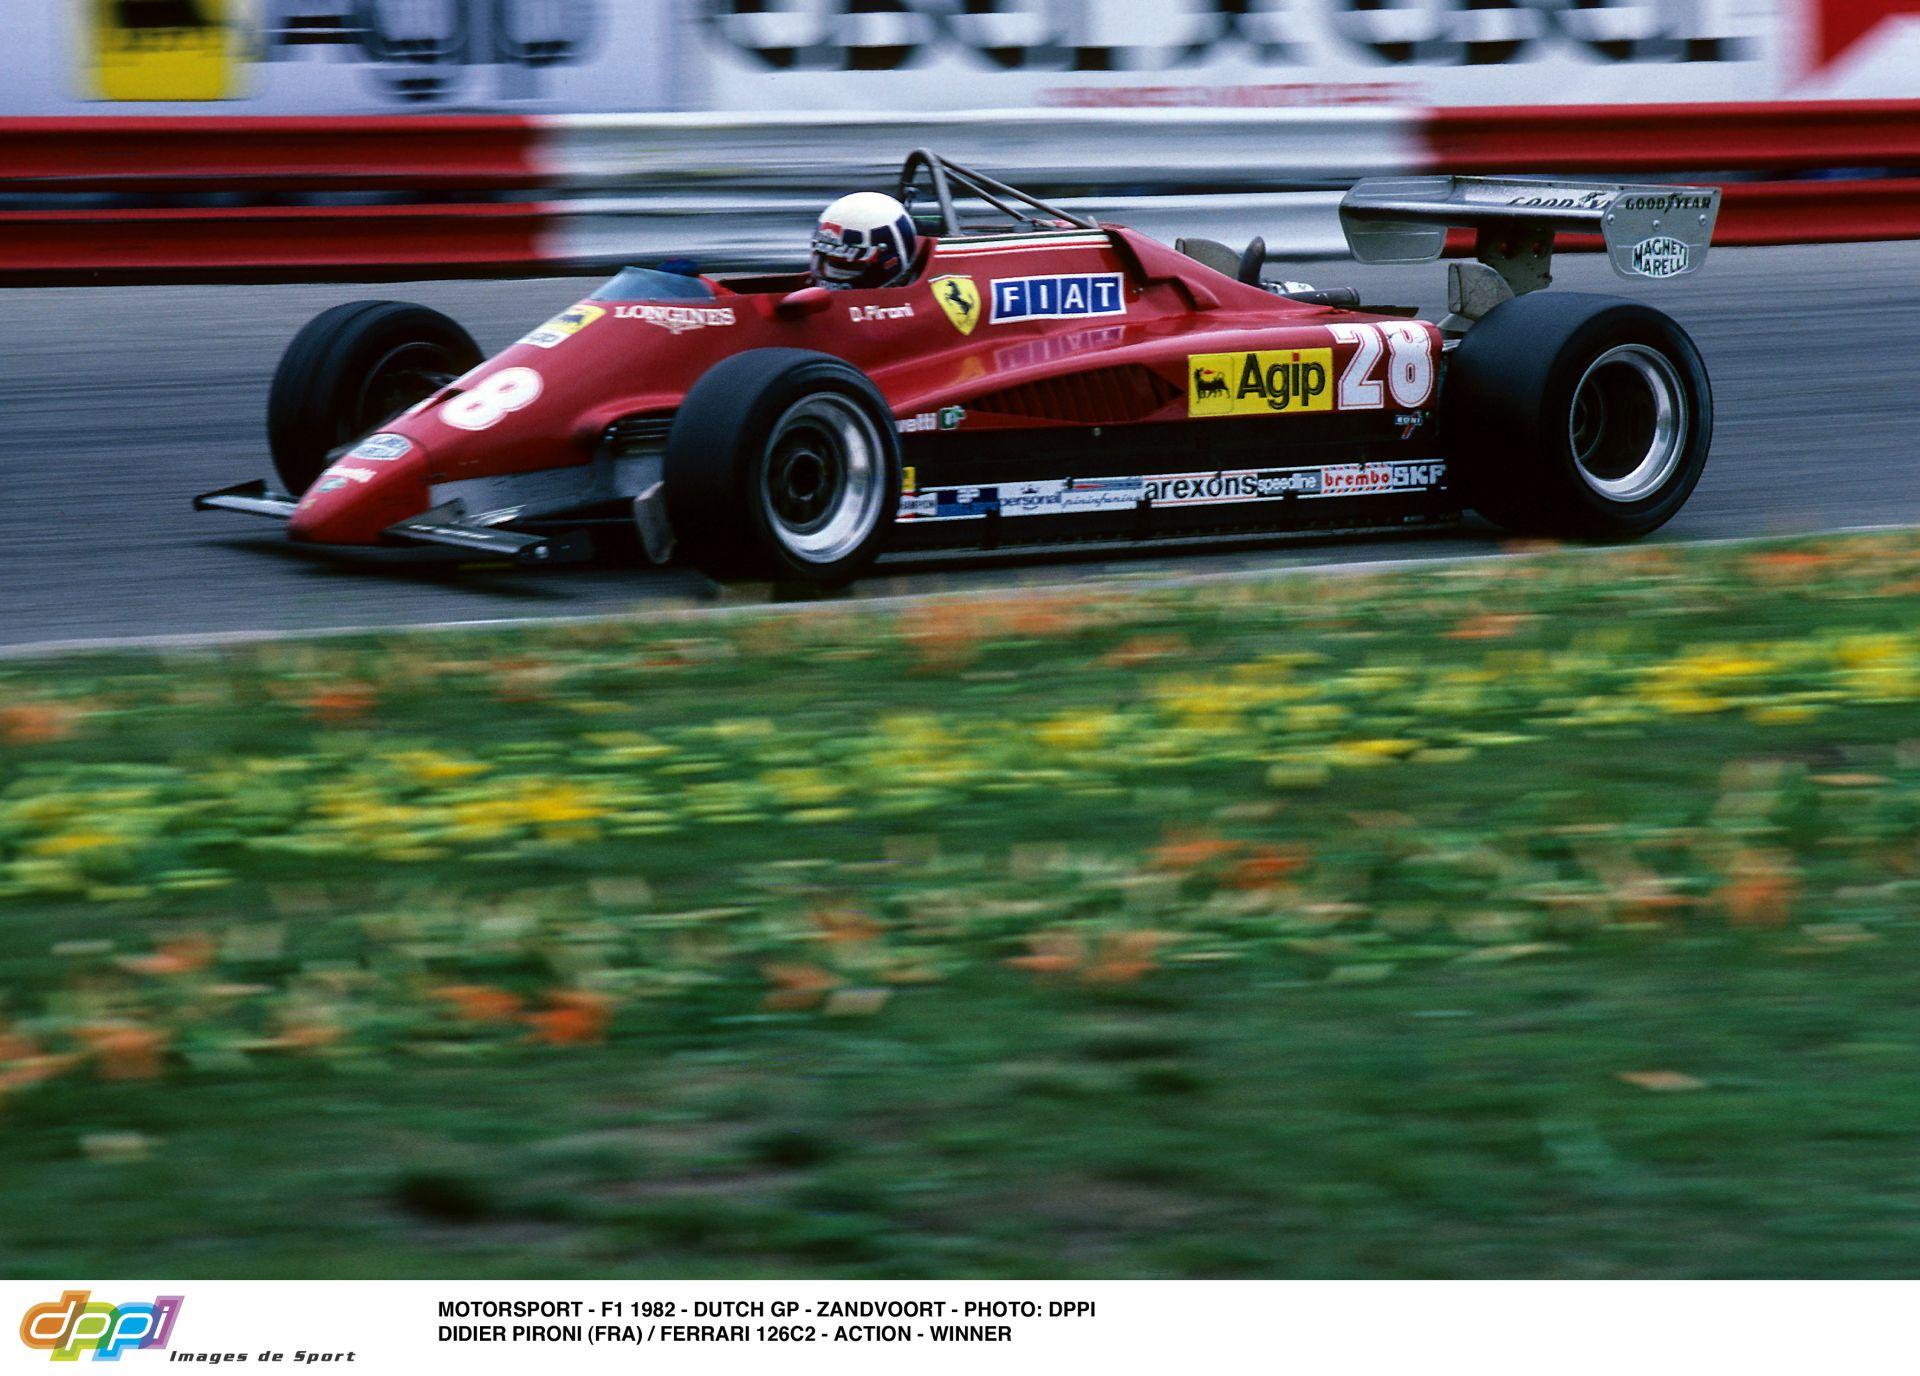 Ezen a napon a Forma-1-ben: Súlyos baleset a Ferrarinál, majdnem amputálni kellett a versenyző lábait